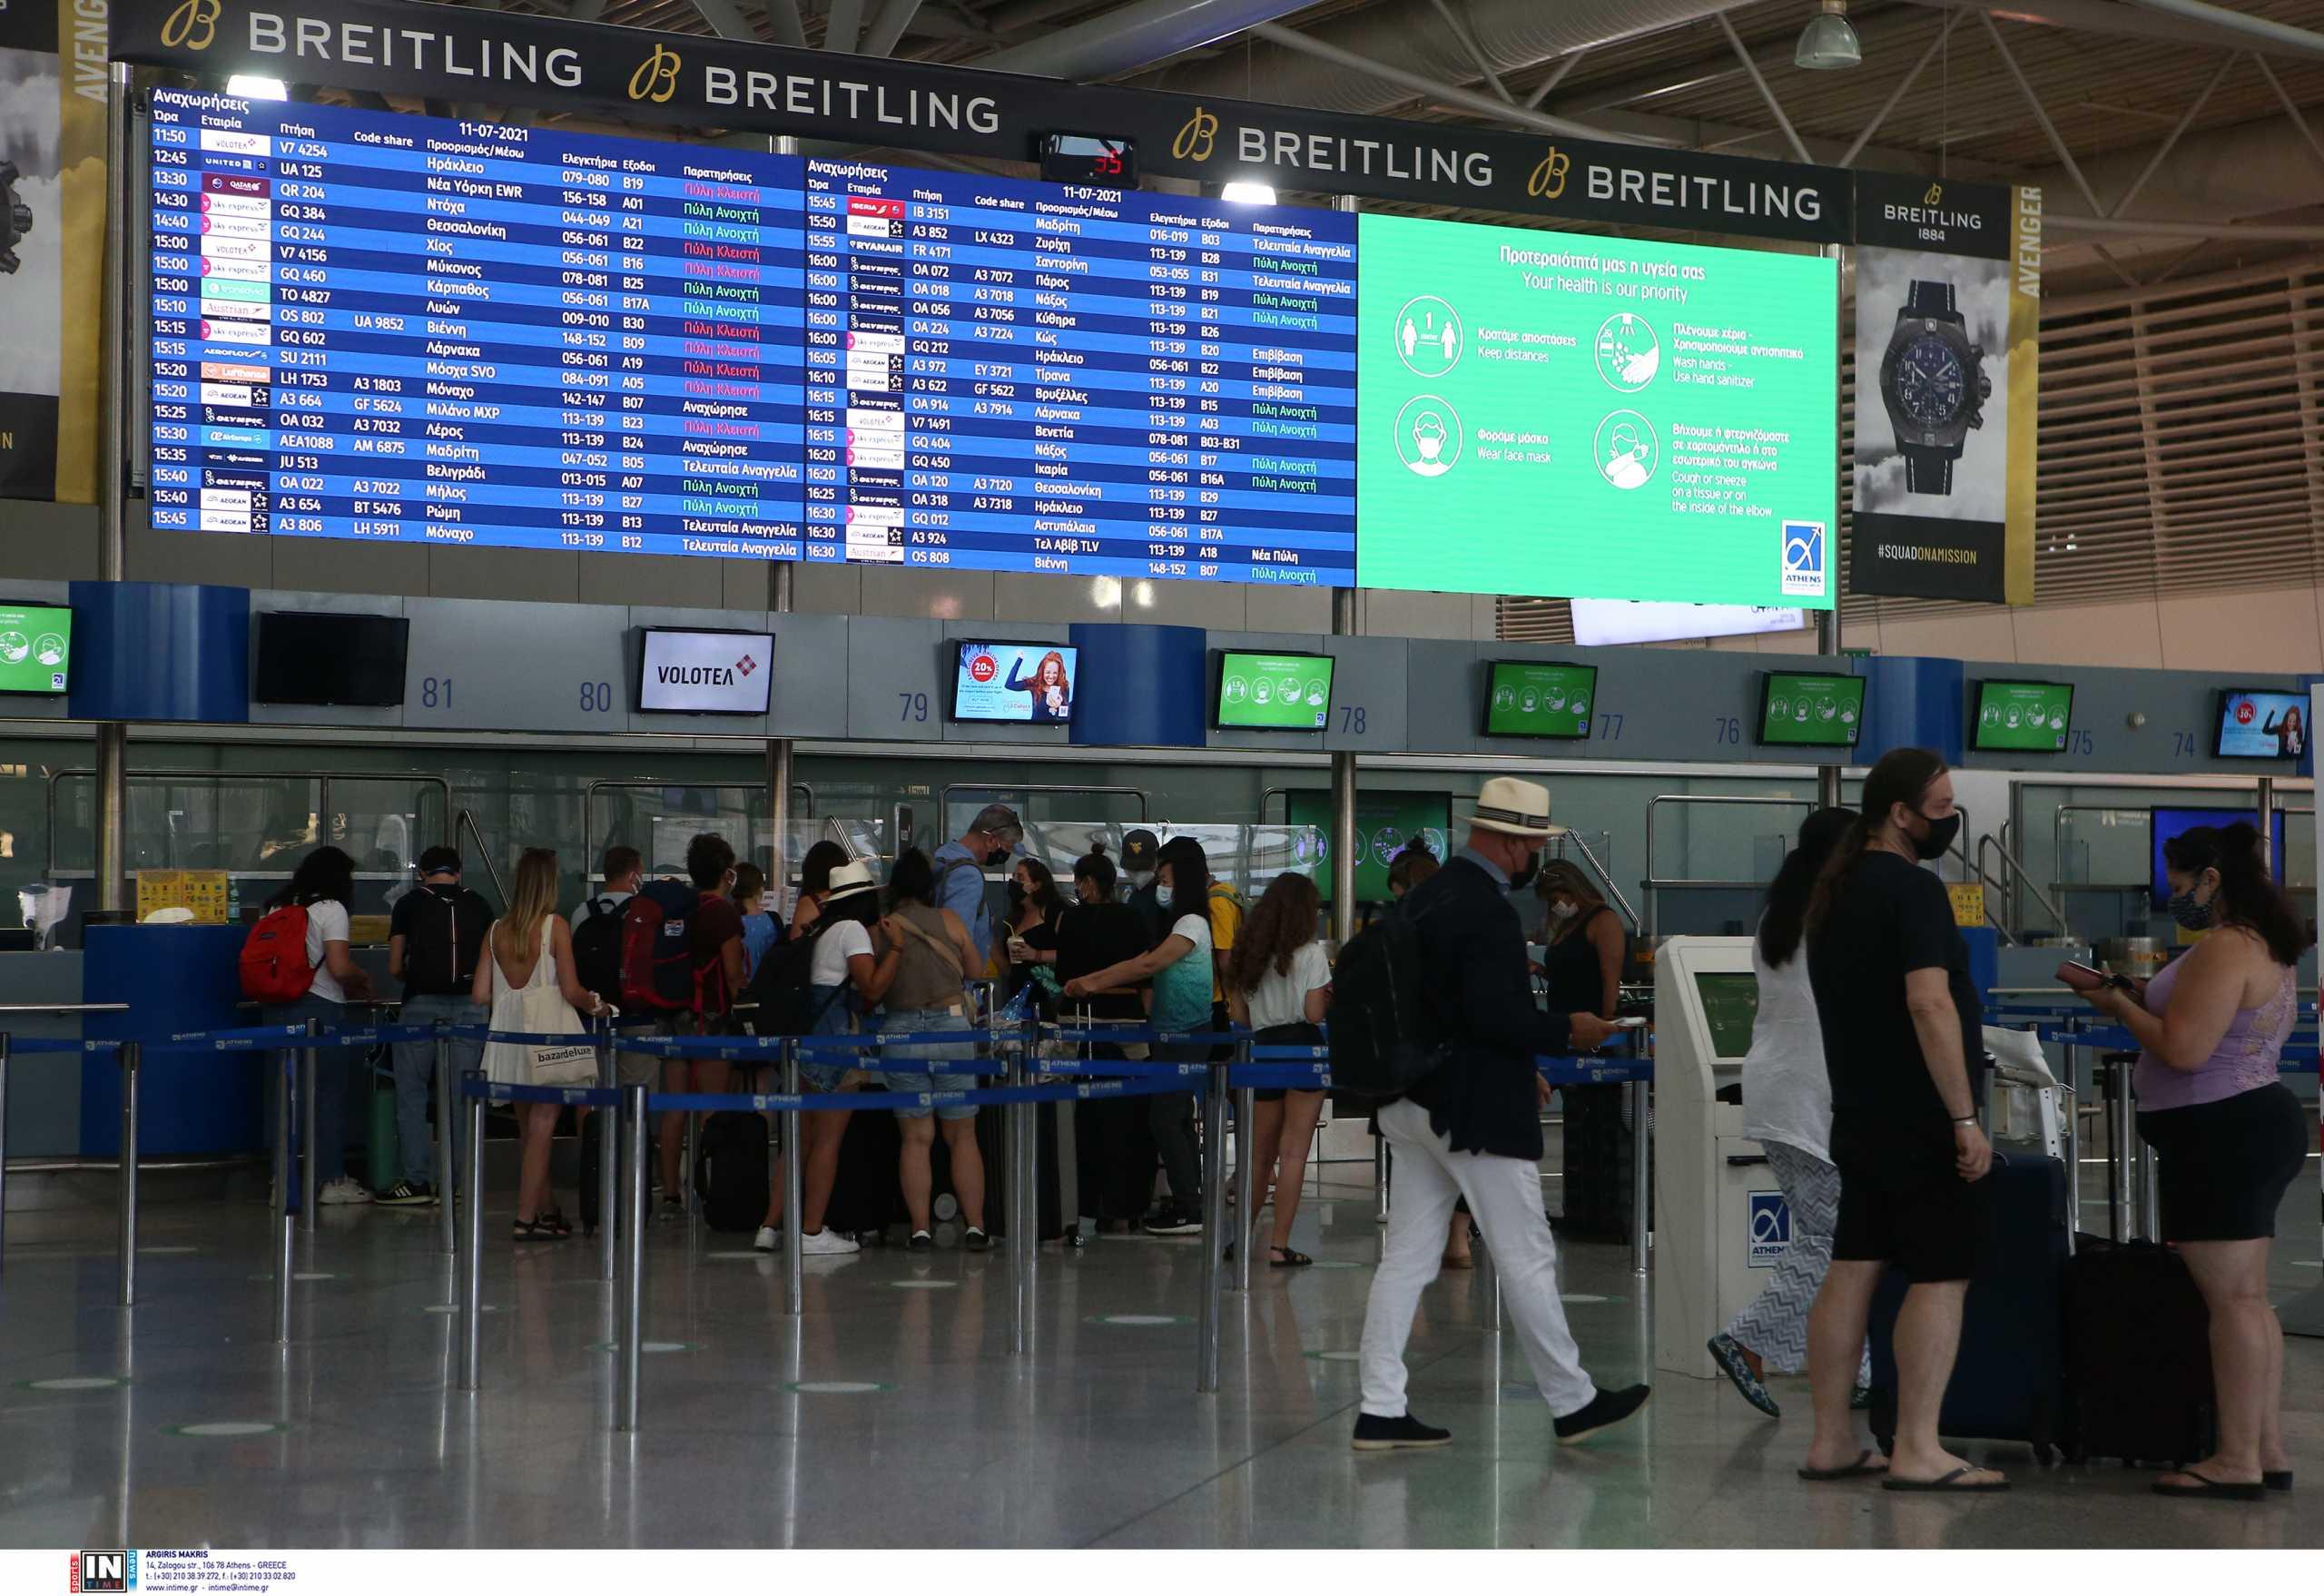 Τράπεζα της Ελλάδος: Άλμα στις τουριστικές εισπράξεις στο επτάμηνο Ιανουαρίου- Ιουλίου του 2021